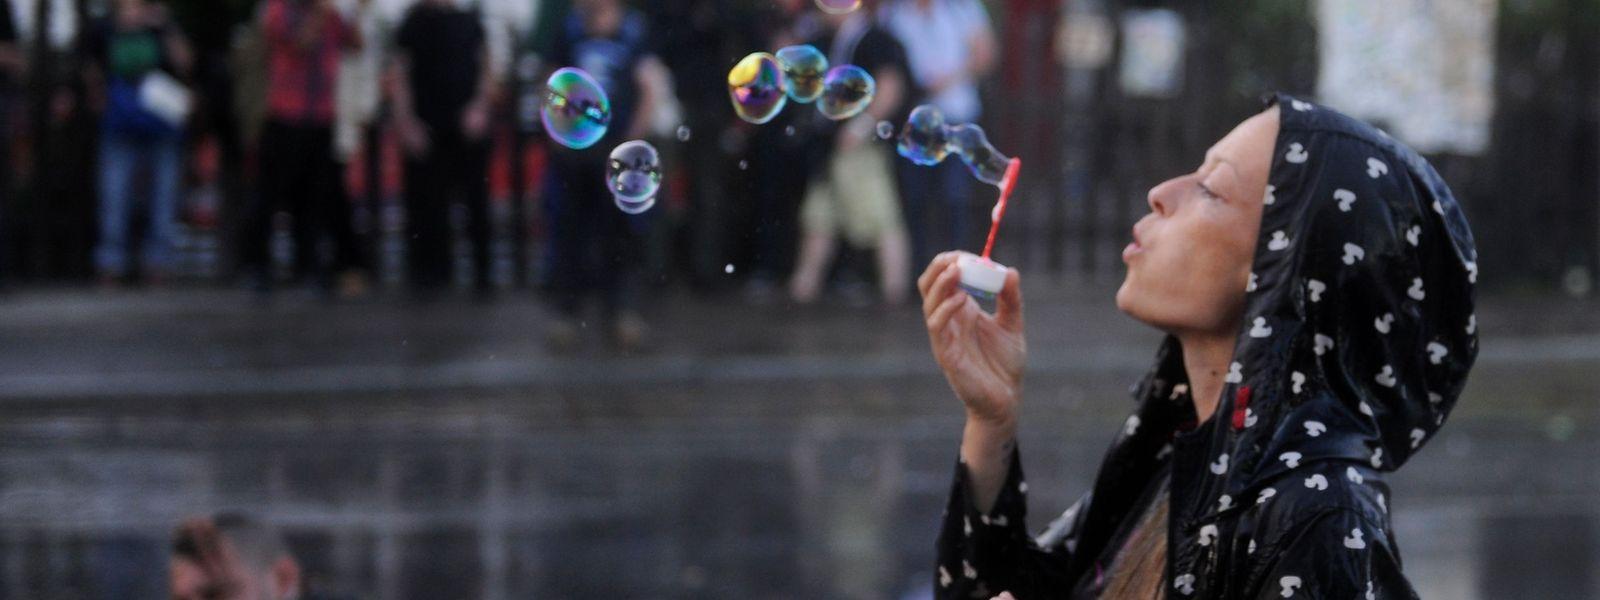 Seifenblasen am Rande der Straßenschlacht: Hamburg am Vorabend des G20-Gipfels.